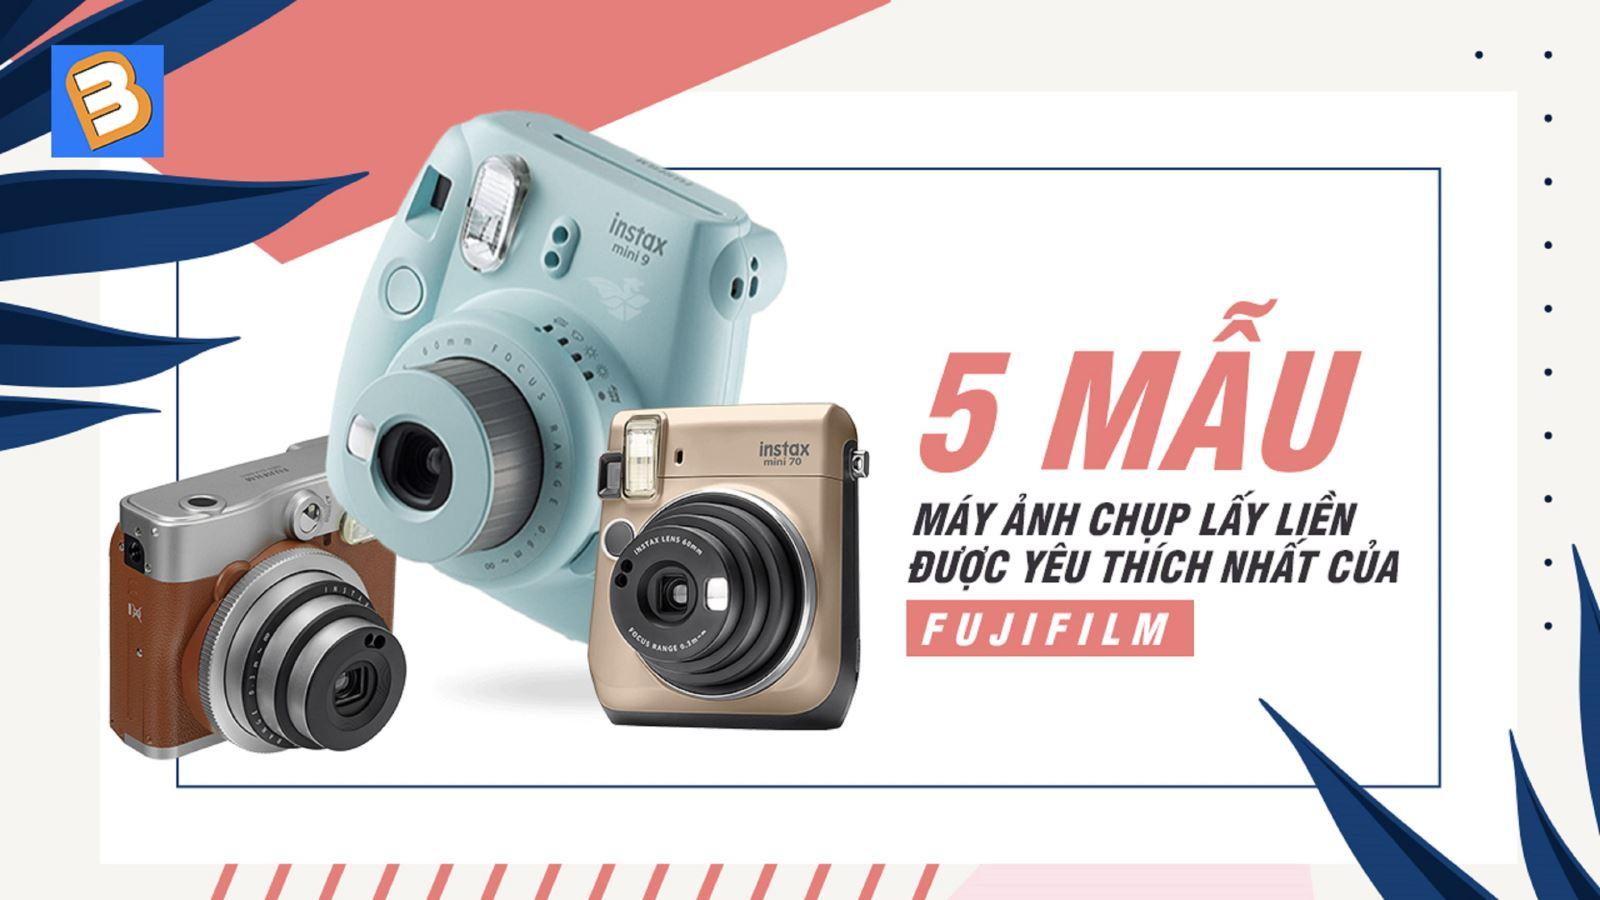 5 mẫu máy ảnh chụp lấy liềnđược yêu thích nhất của Fujifilm